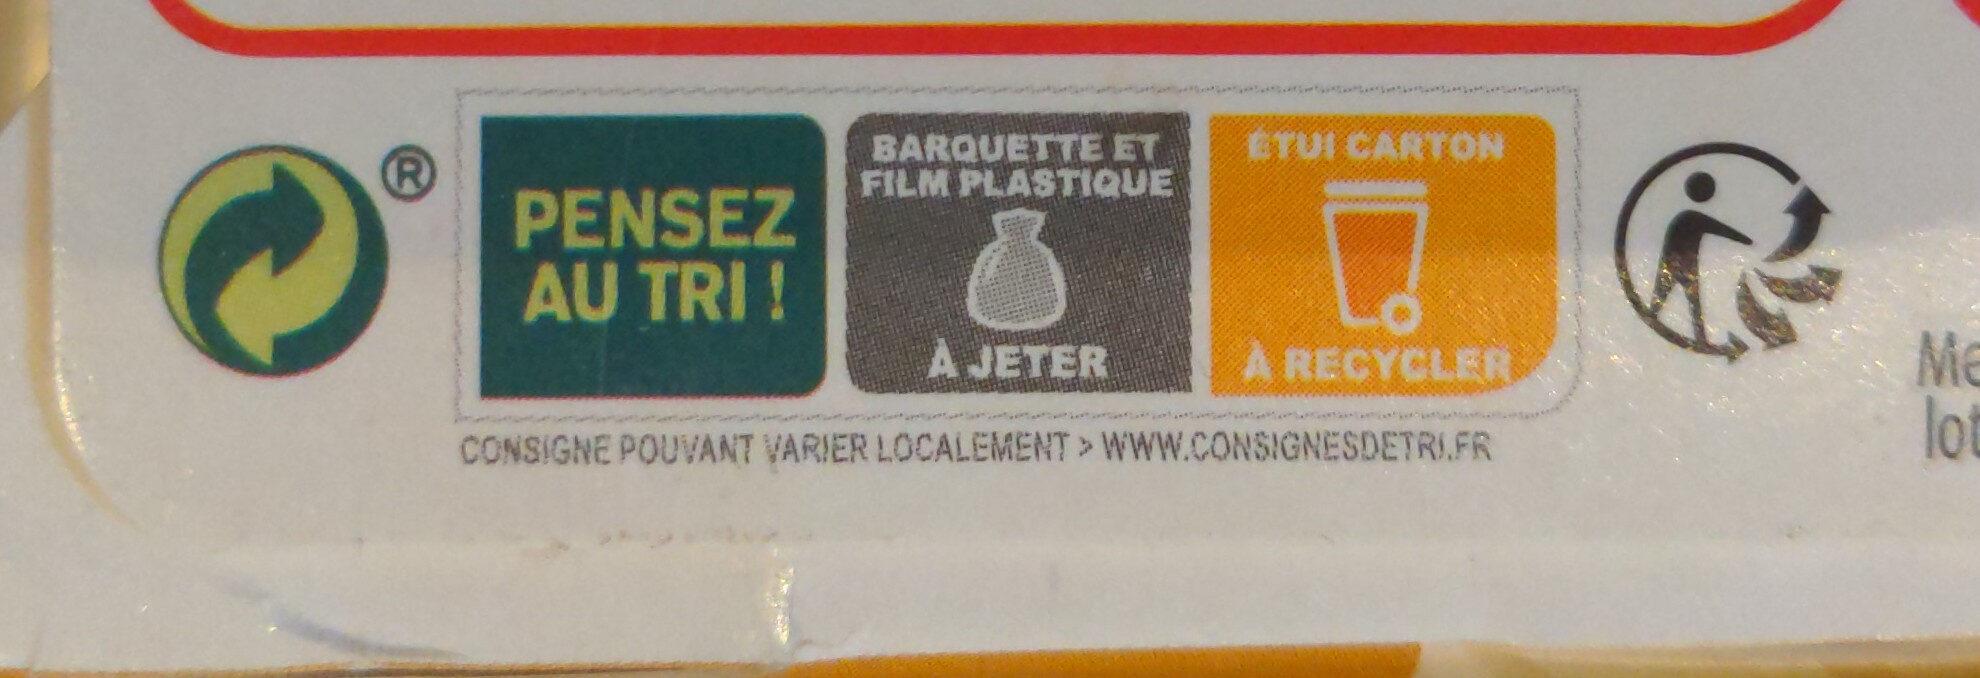 NAPLES - Gnocchetti poulet crème parmesan - Instruction de recyclage et/ou informations d'emballage - fr